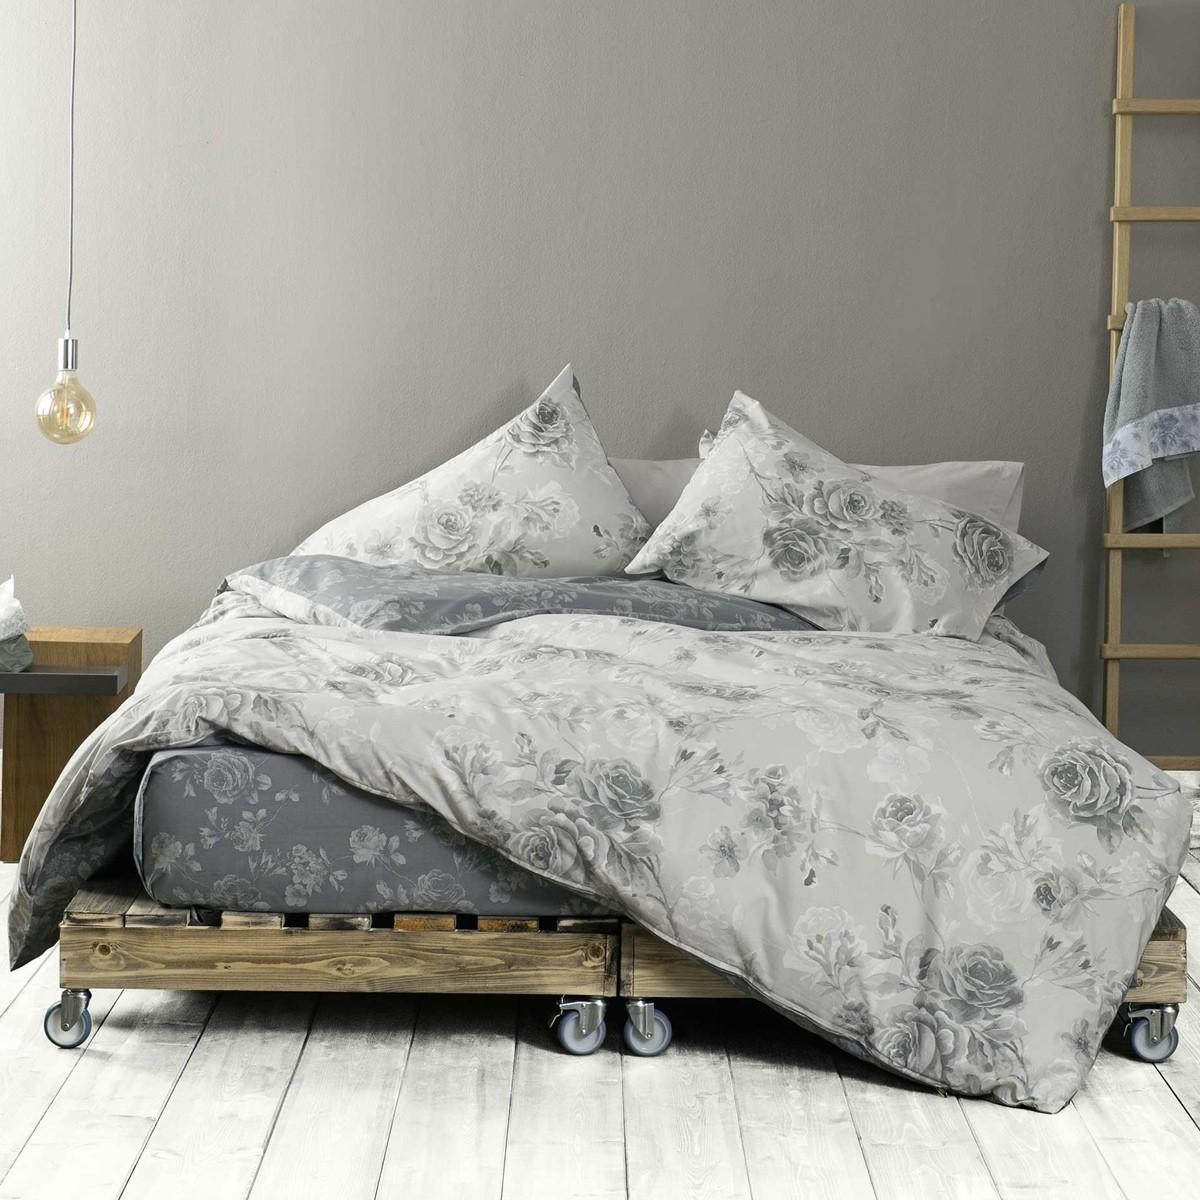 Σεντόνια Ημίδιπλα (Σετ) Nima Bed Linen Carmen Grey